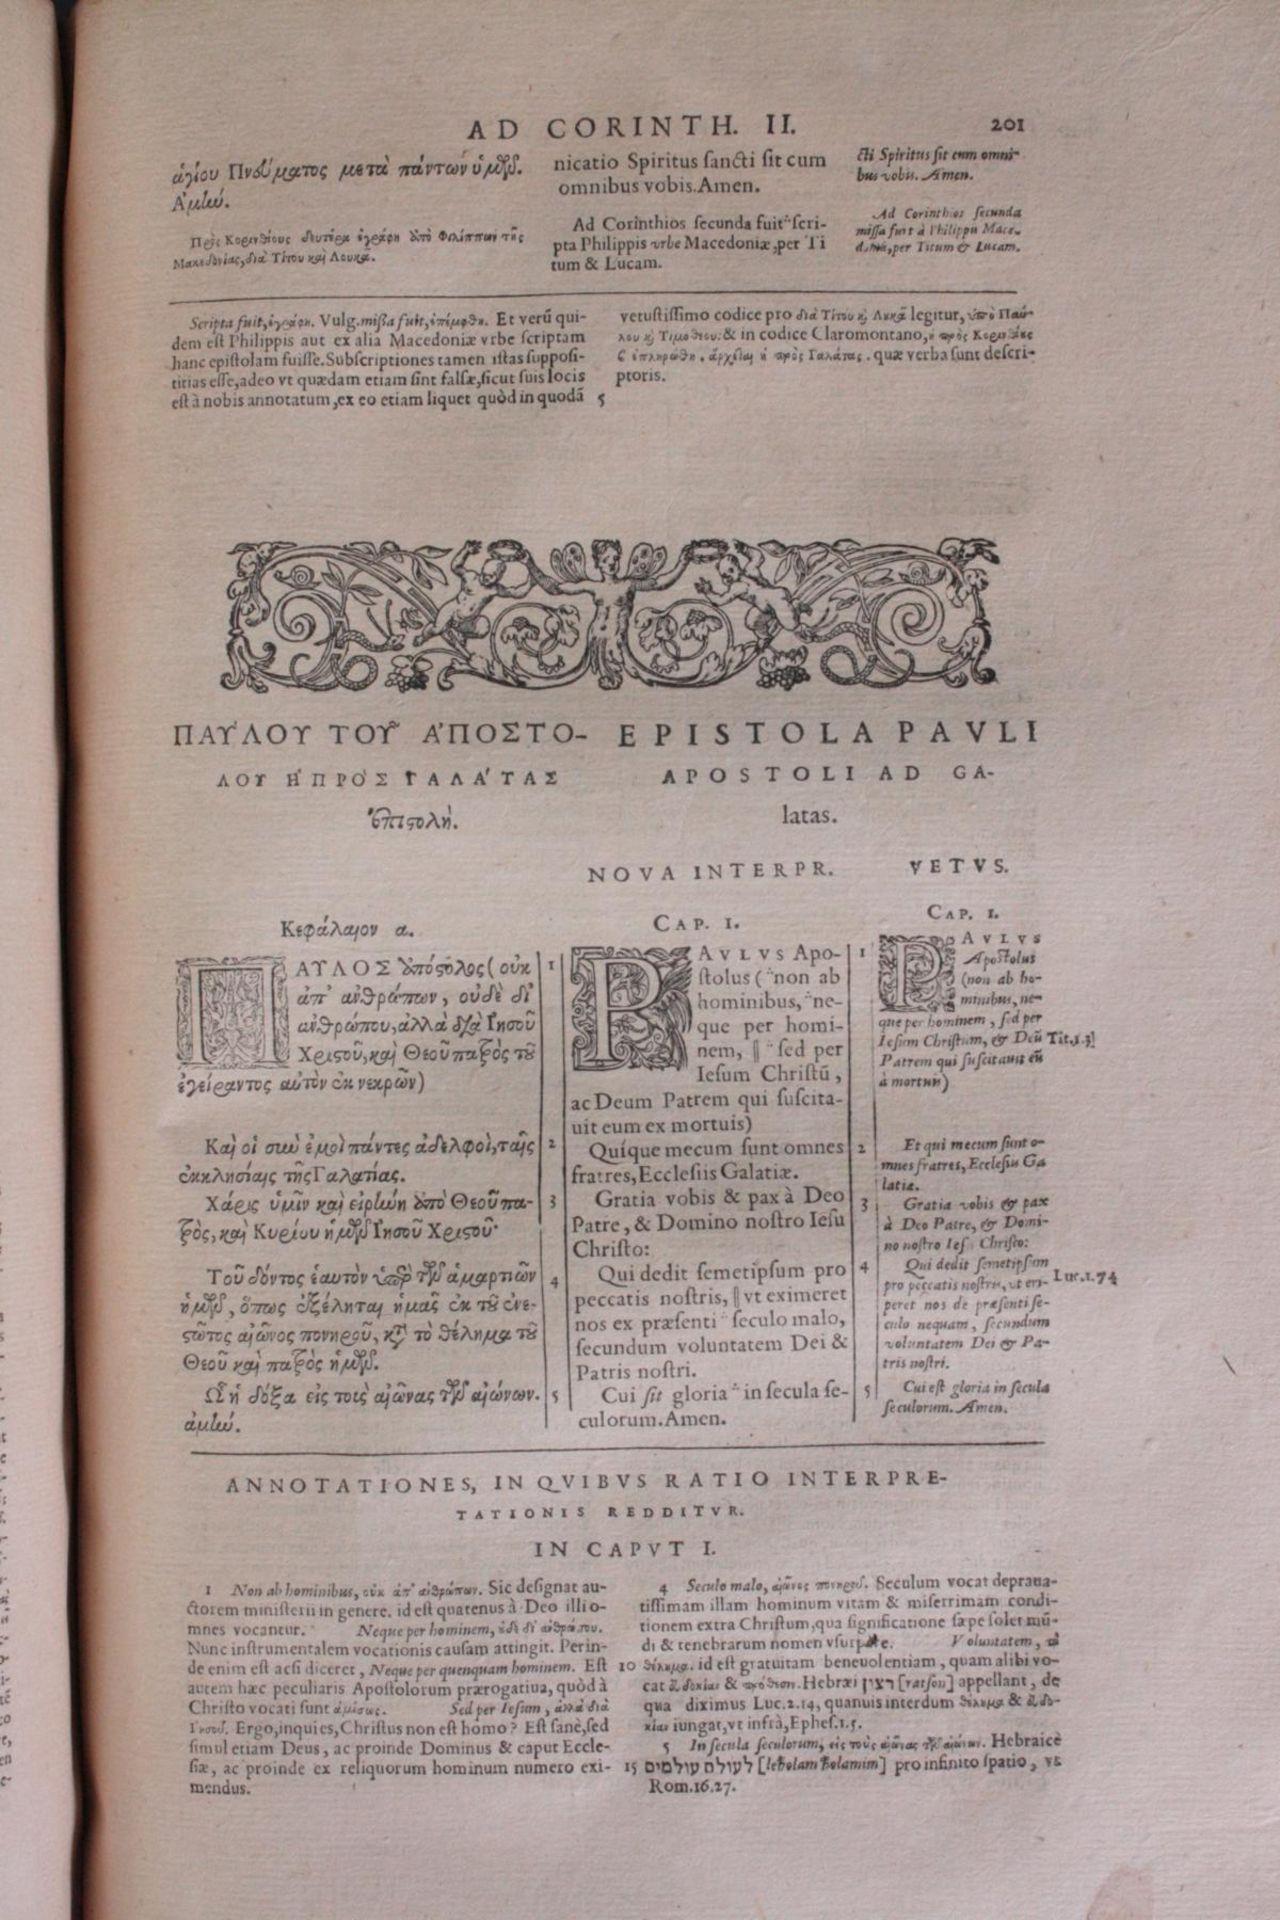 Griechische-Lateinische Bibel, Novum Testamentum 1582 - Bild 13 aus 23